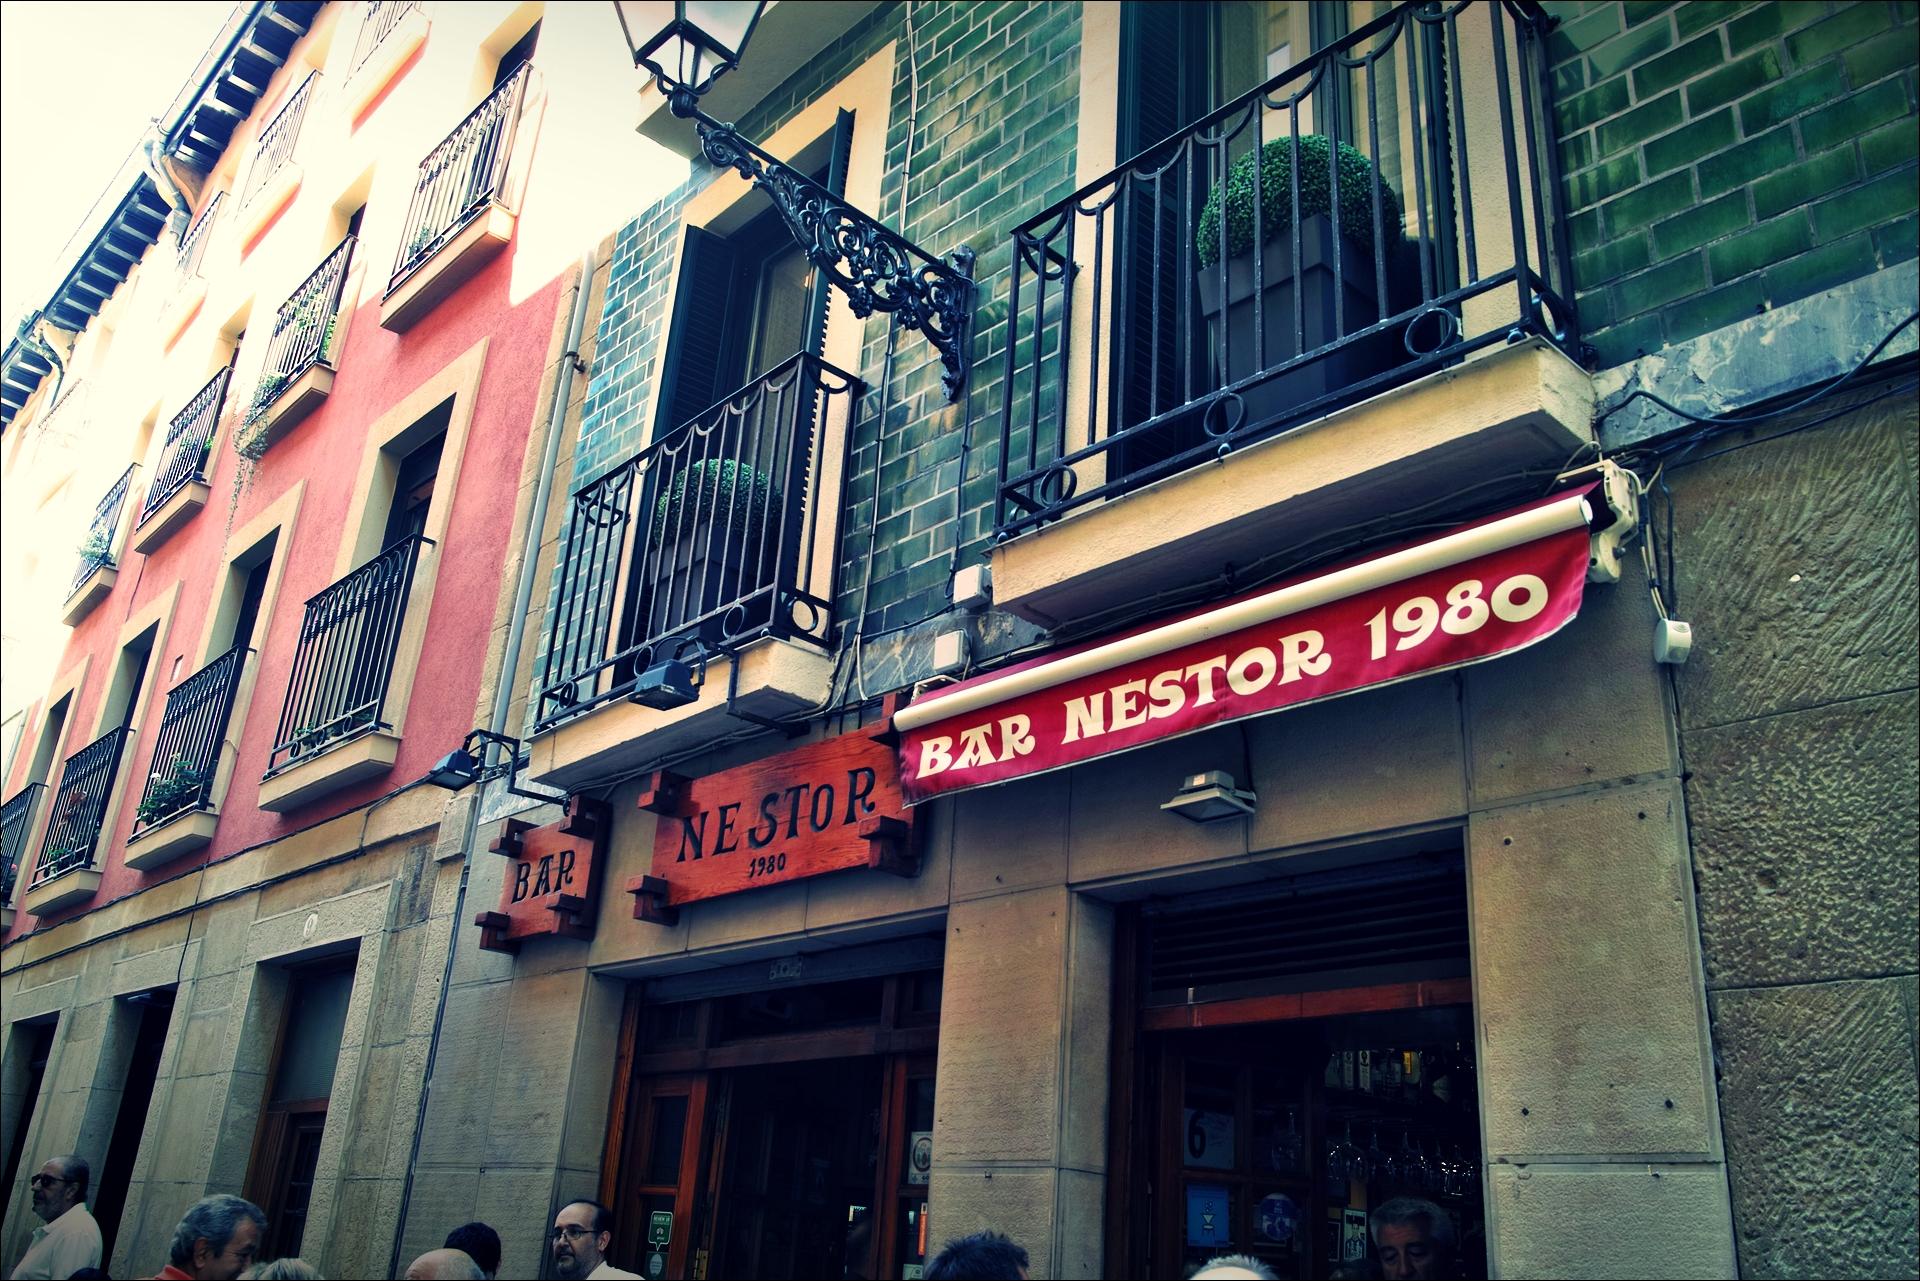 네스토르 바 입구-'산 세바스티안 네스토르 바 Bar Nestor'